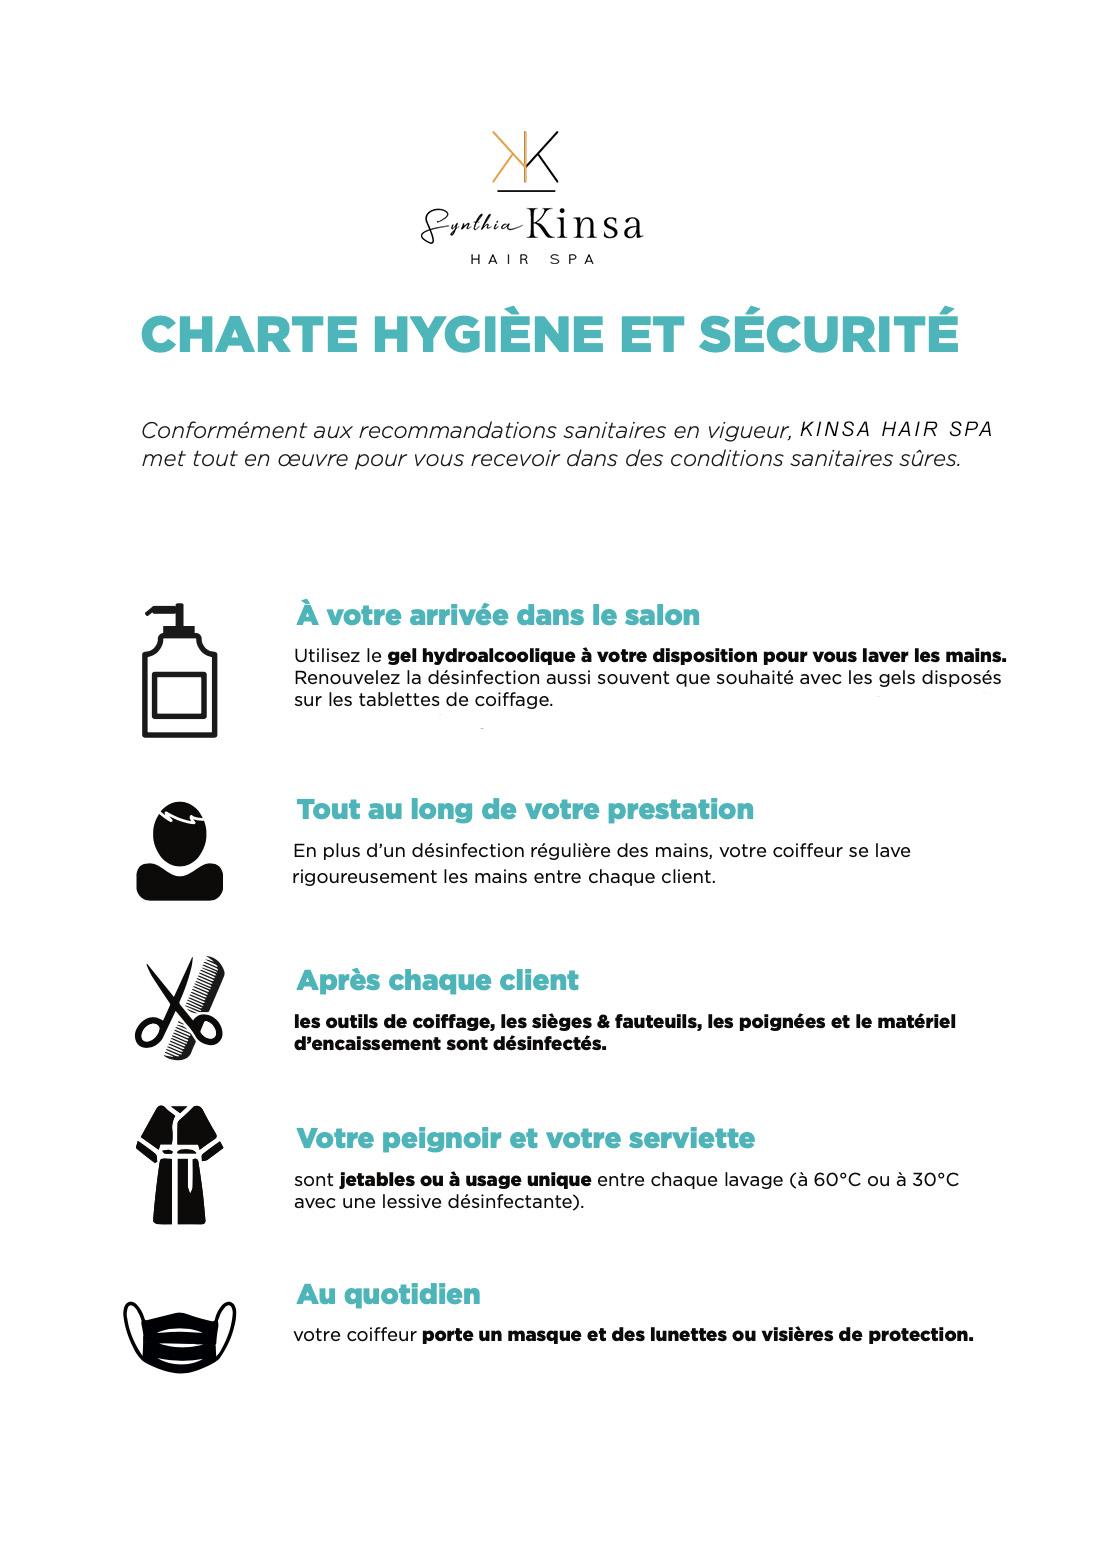 Charte hygiène et sécurité COVID 19 - Synthia Kinsa Hair Spa